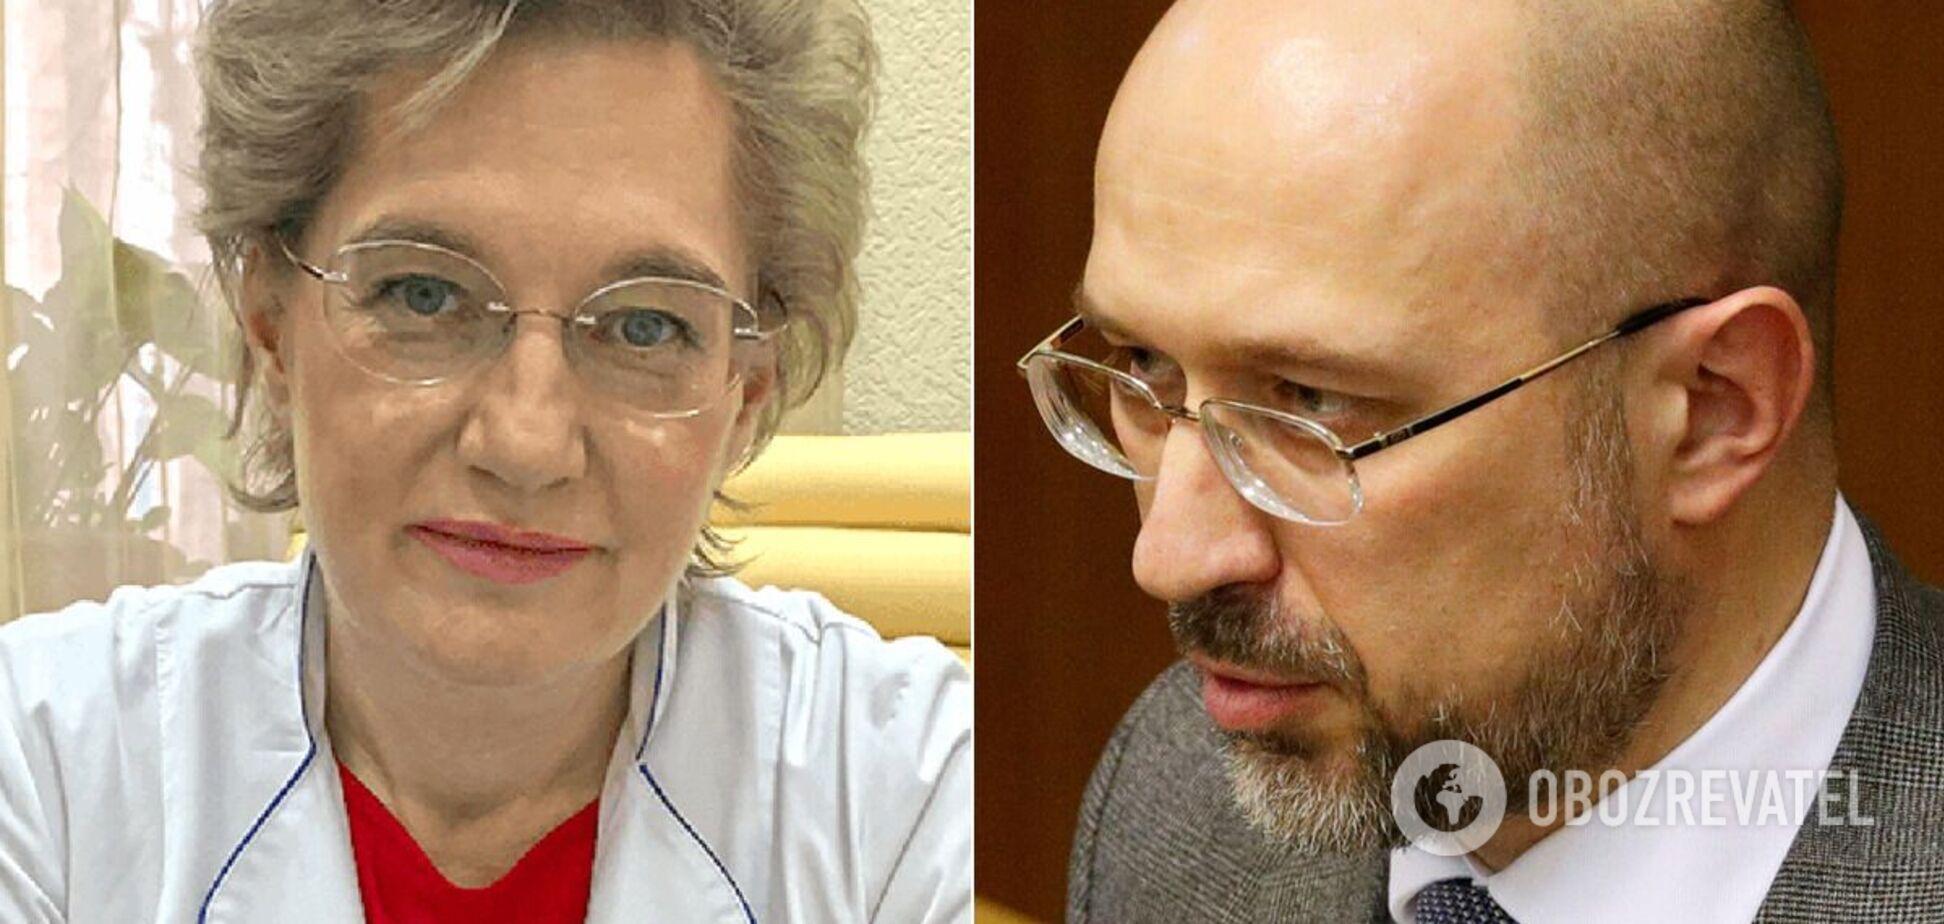 Голубовская заявила, что в Польше украинским врачам не нужно подтверждать диплом: Шмыгаль прояснил ситуацию